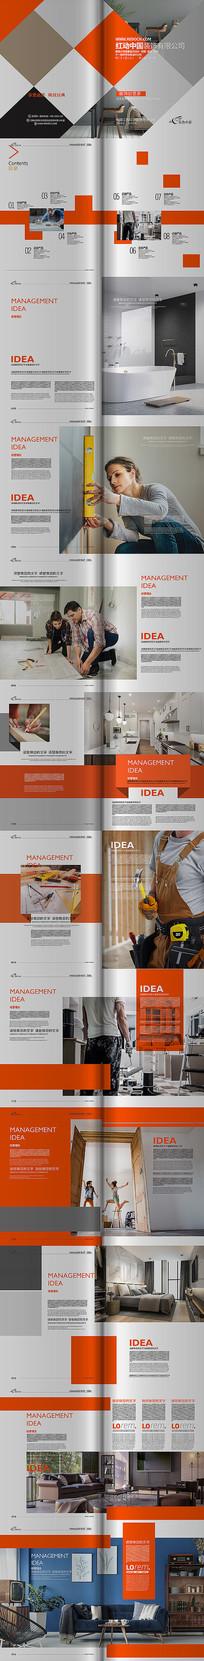 创意装饰公司画册版式设计